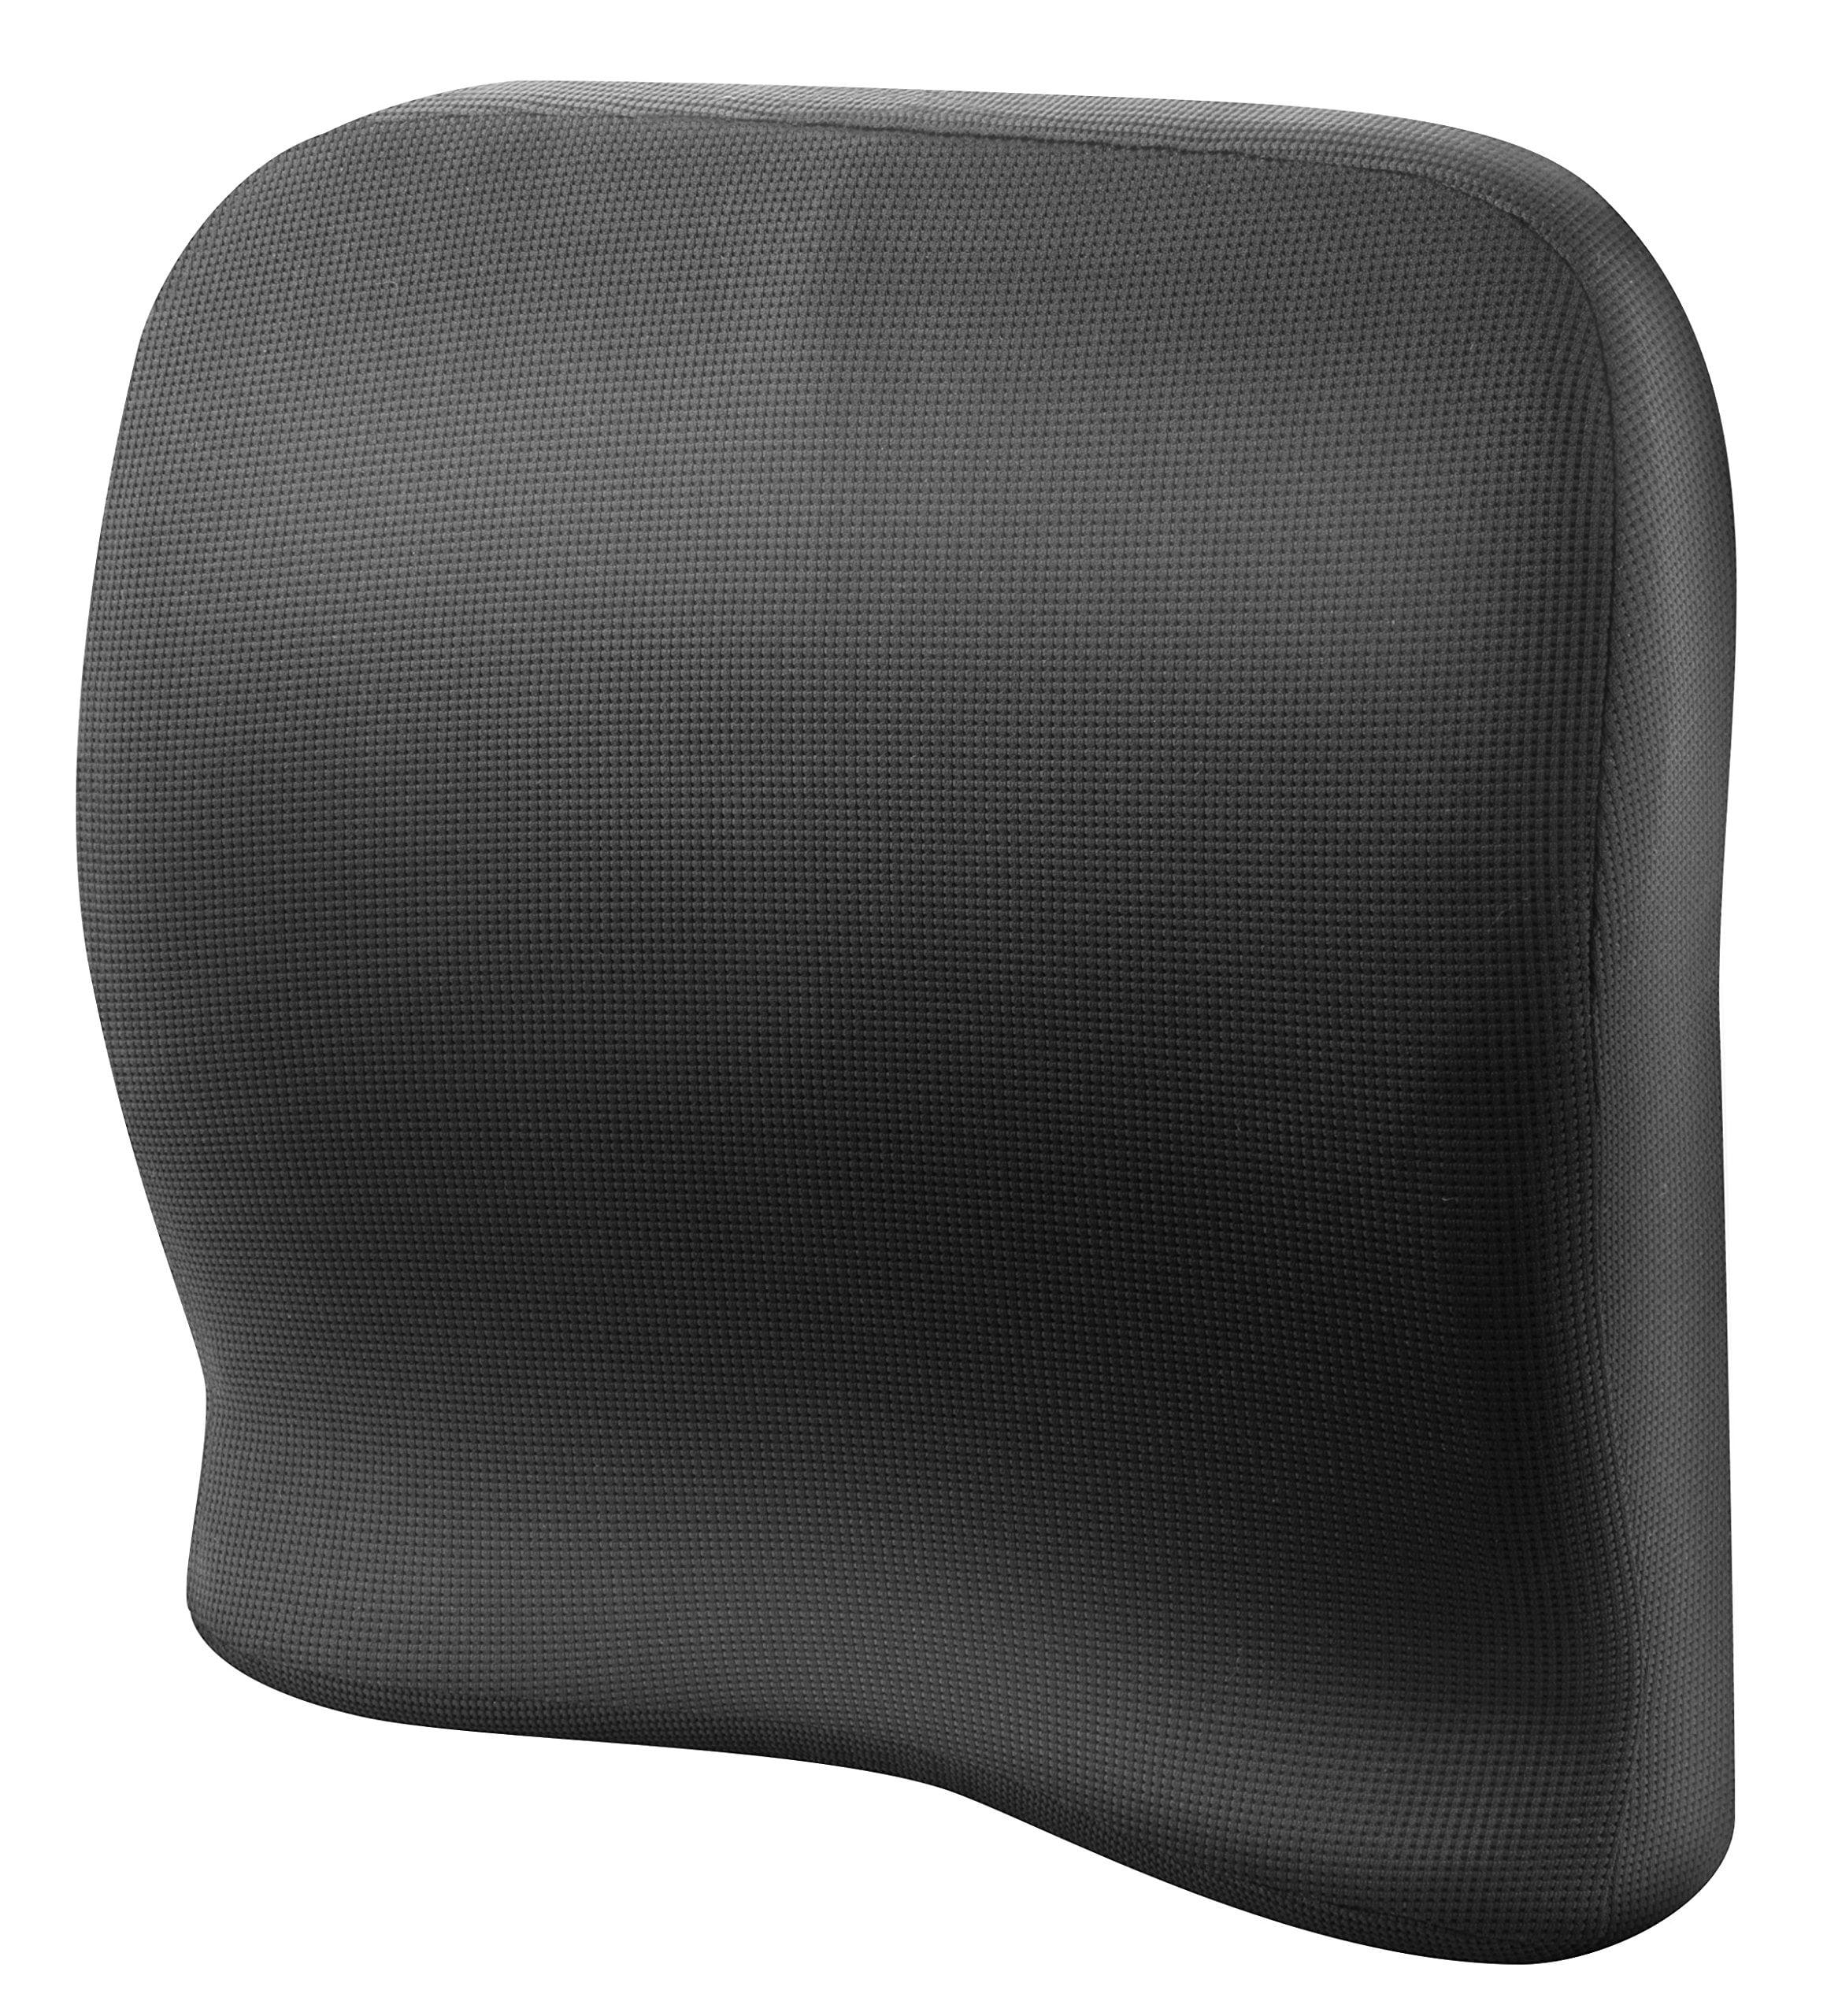 Wasgan 9112 Wagan Tech 9112 Relaxfusion Lumbar[tm] Contour Cushion by Wasgan